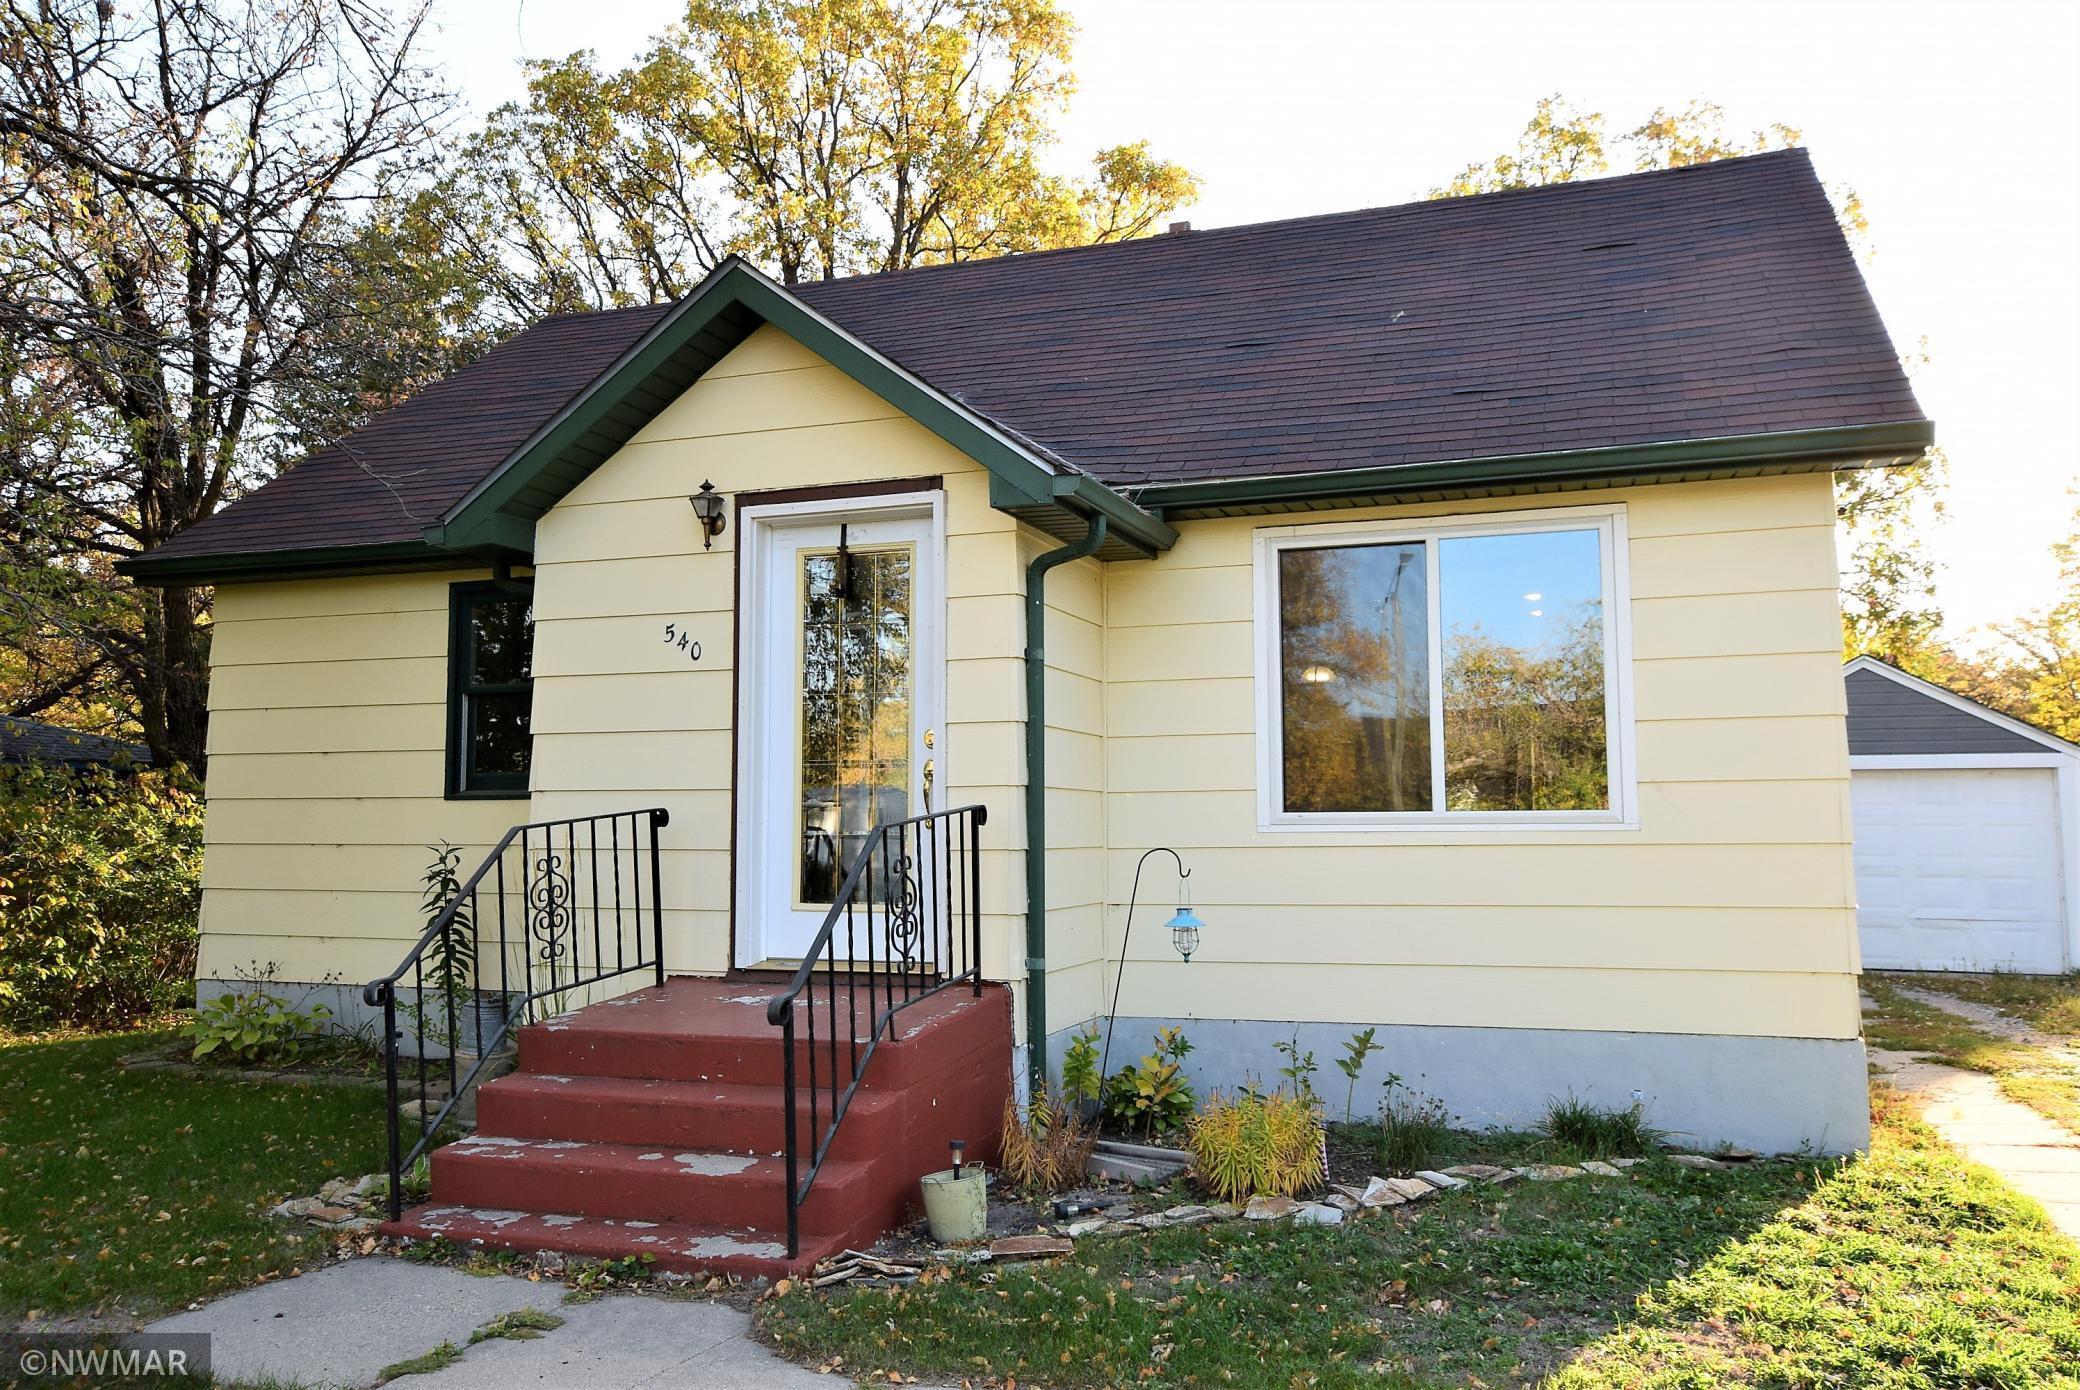 540 Main Street N, Greenbush, MN 56726